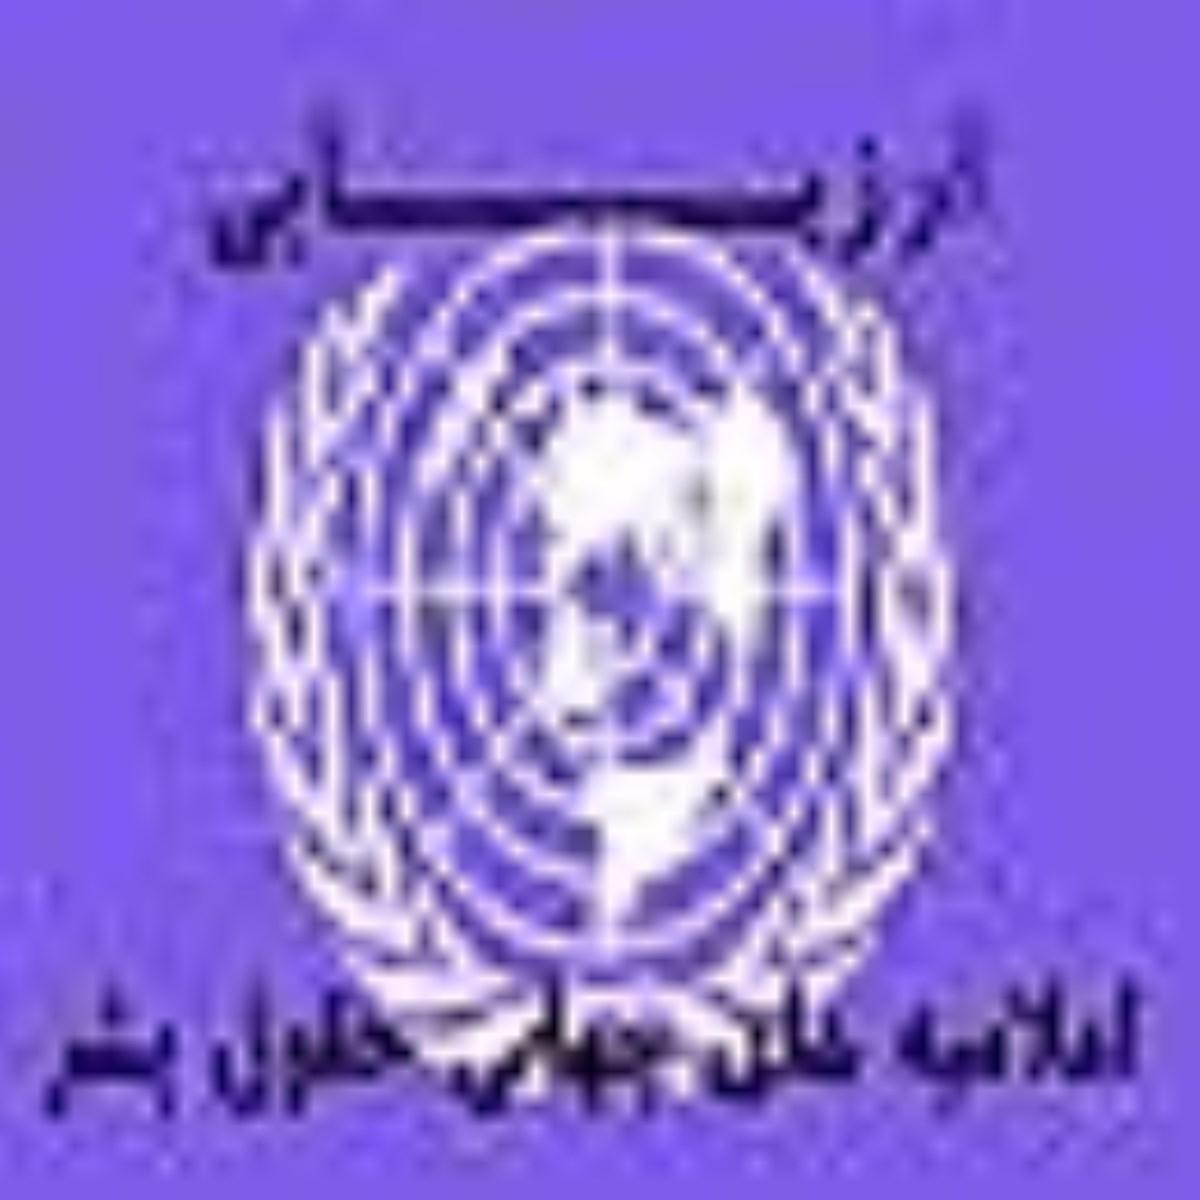 ارزیابی اعلامیه جهانی حقوق بشر